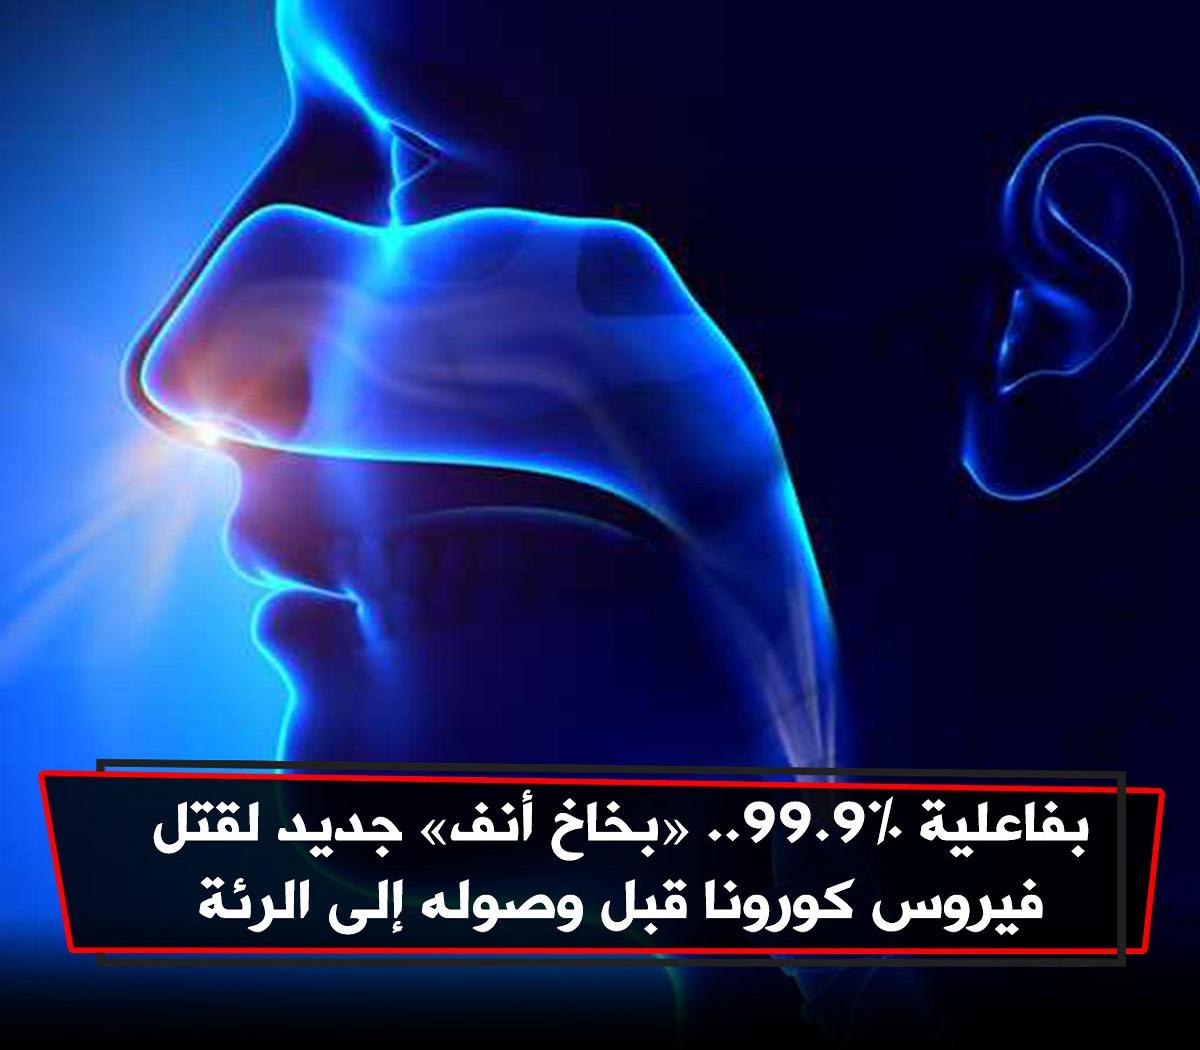 التوصل إلى بخاخ للأنف يقتل فيروس كورونا بنسبة 99.9% وقبل دخوله إلى الرئة وتكاثره بها 2